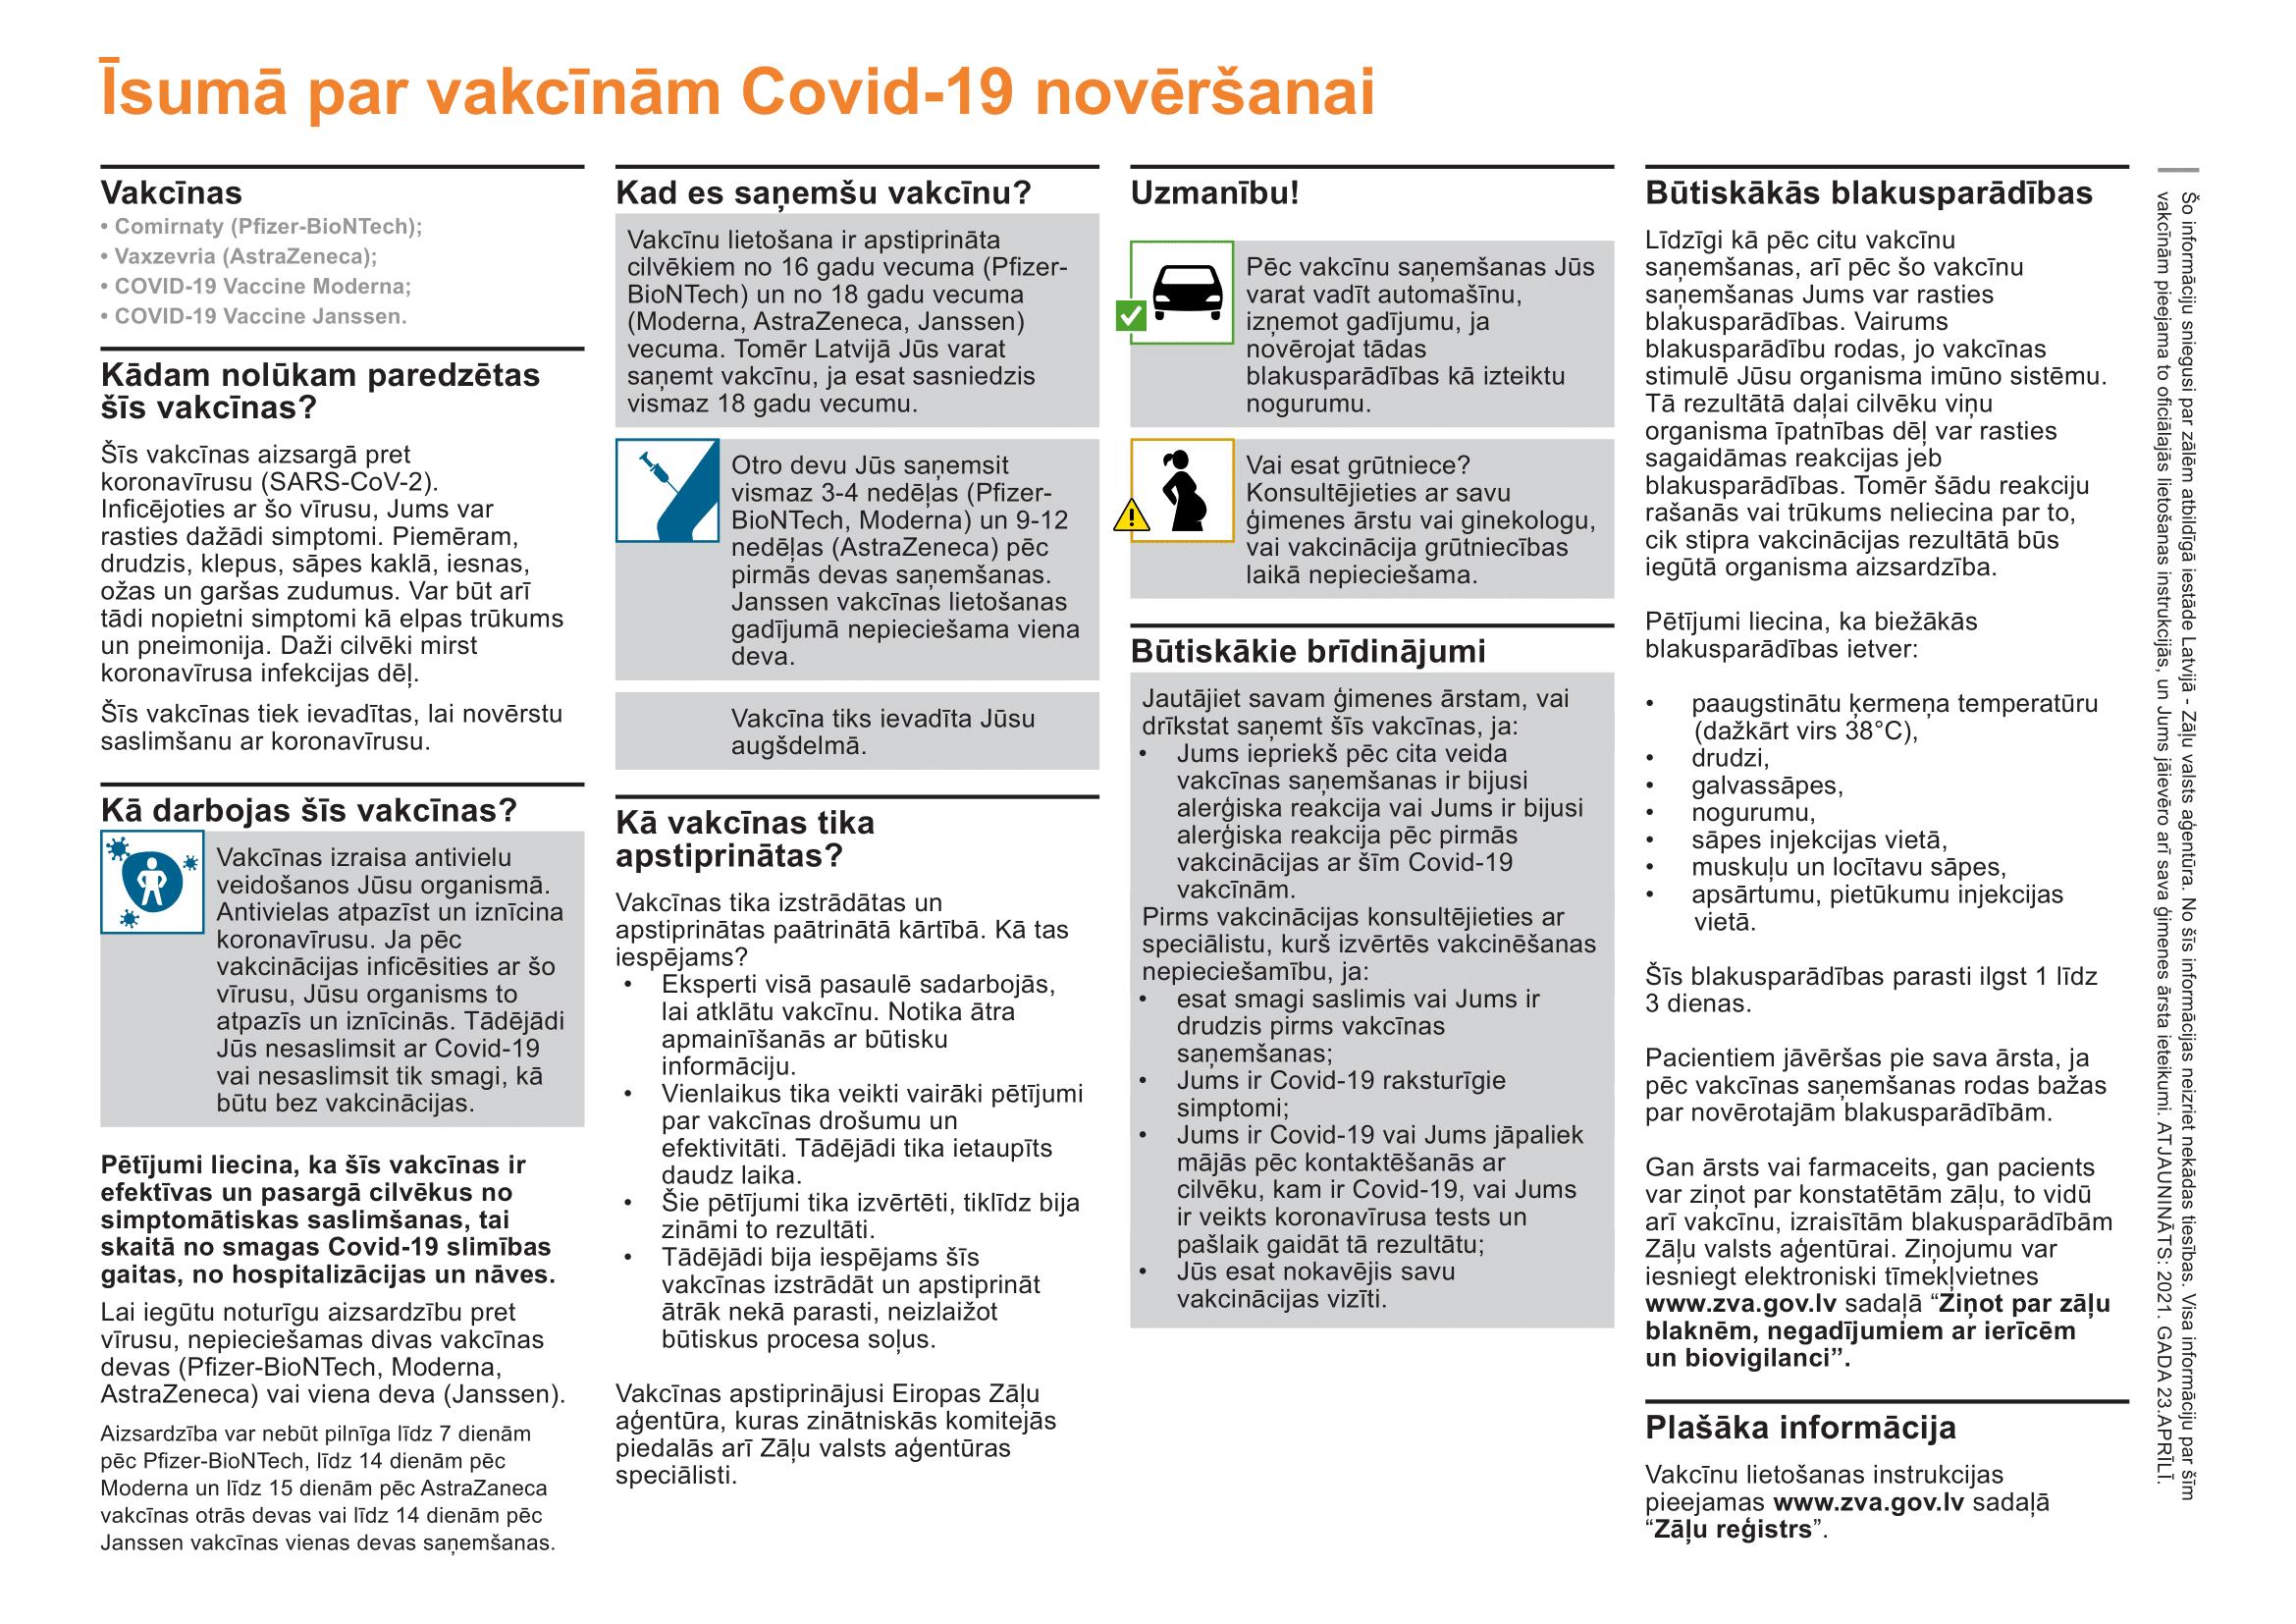 Informatīvs materiāls par vakcīnām pret Covid-19: uzzini par vakcīnu izstrādi, darbību, intervālu starp devām un biežākajām blakusparādībām